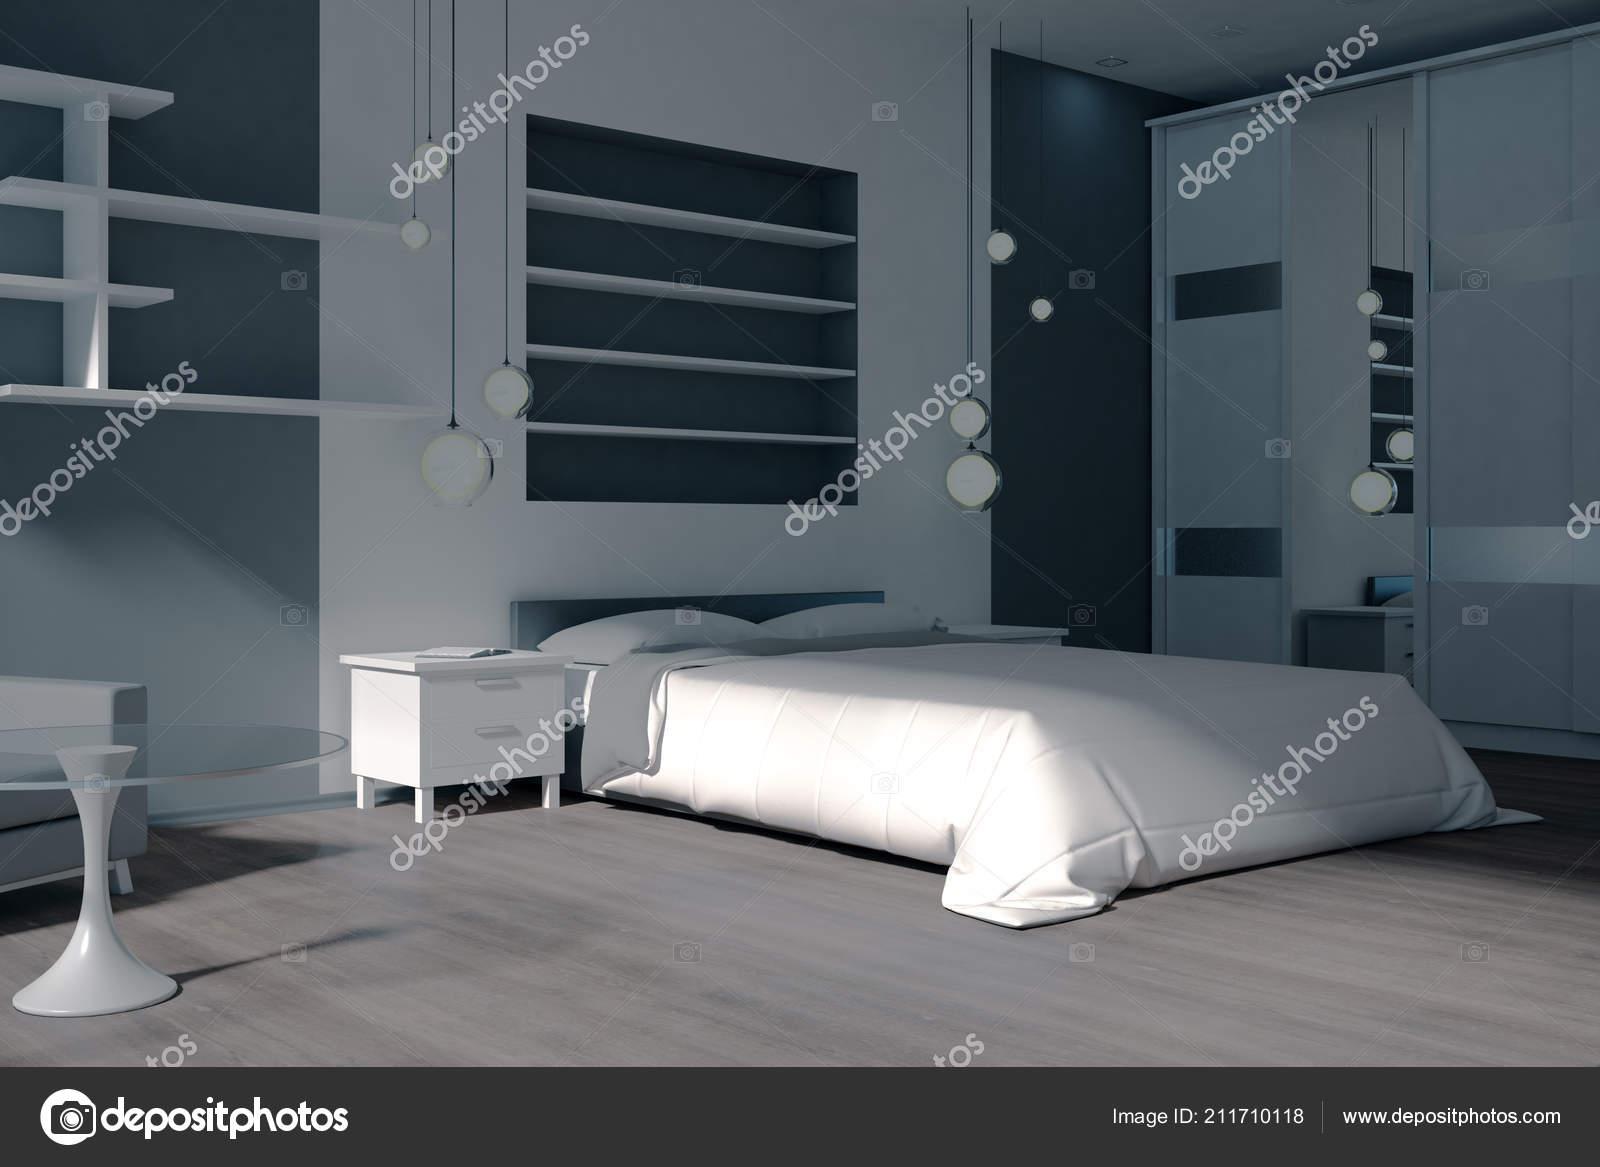 Moderne Schlafzimmer Einrichtung Mit Mobeln Und Sonnenlicht